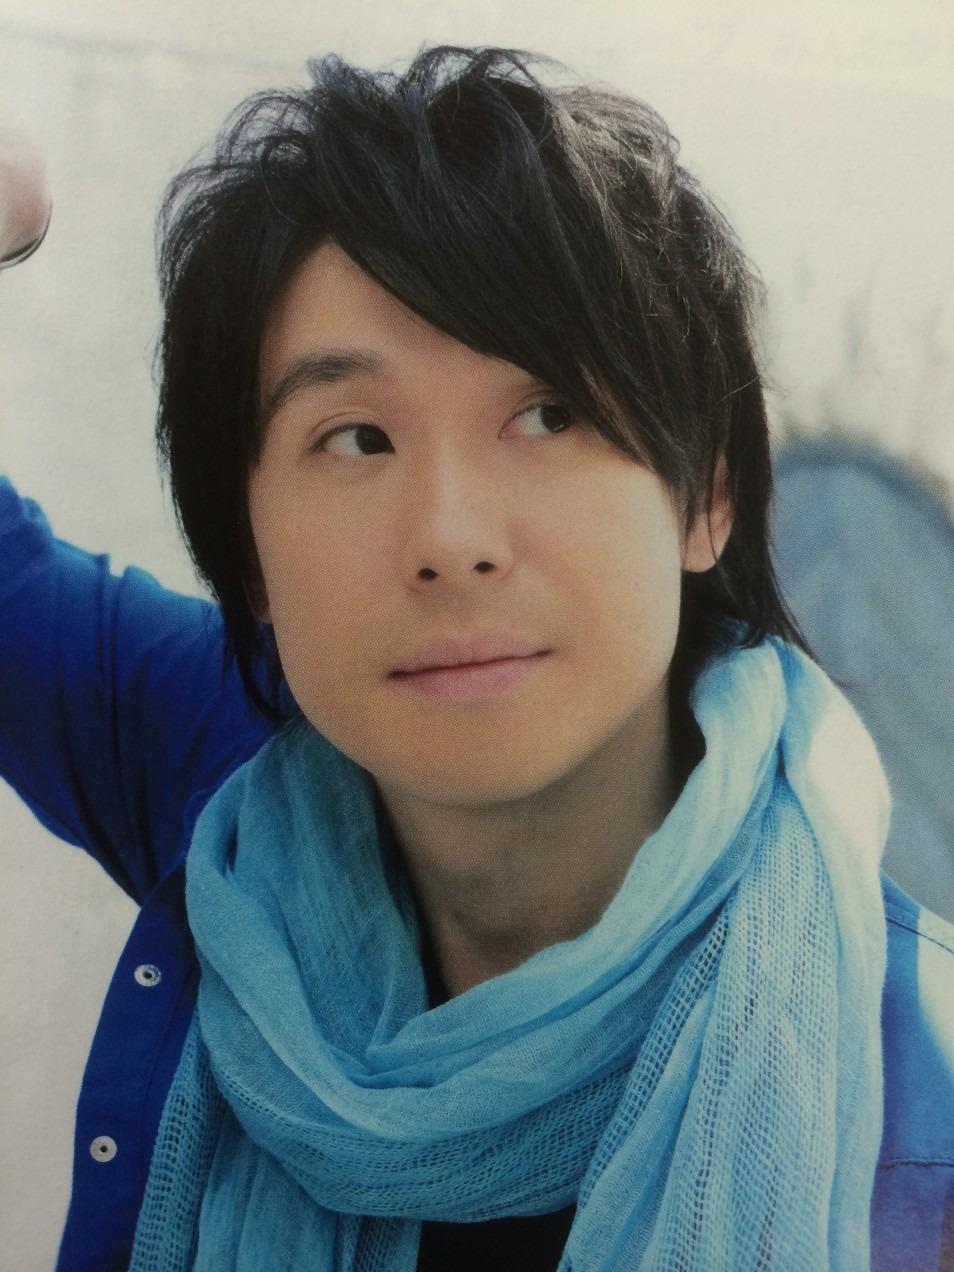 鈴村健一の画像 p1_39